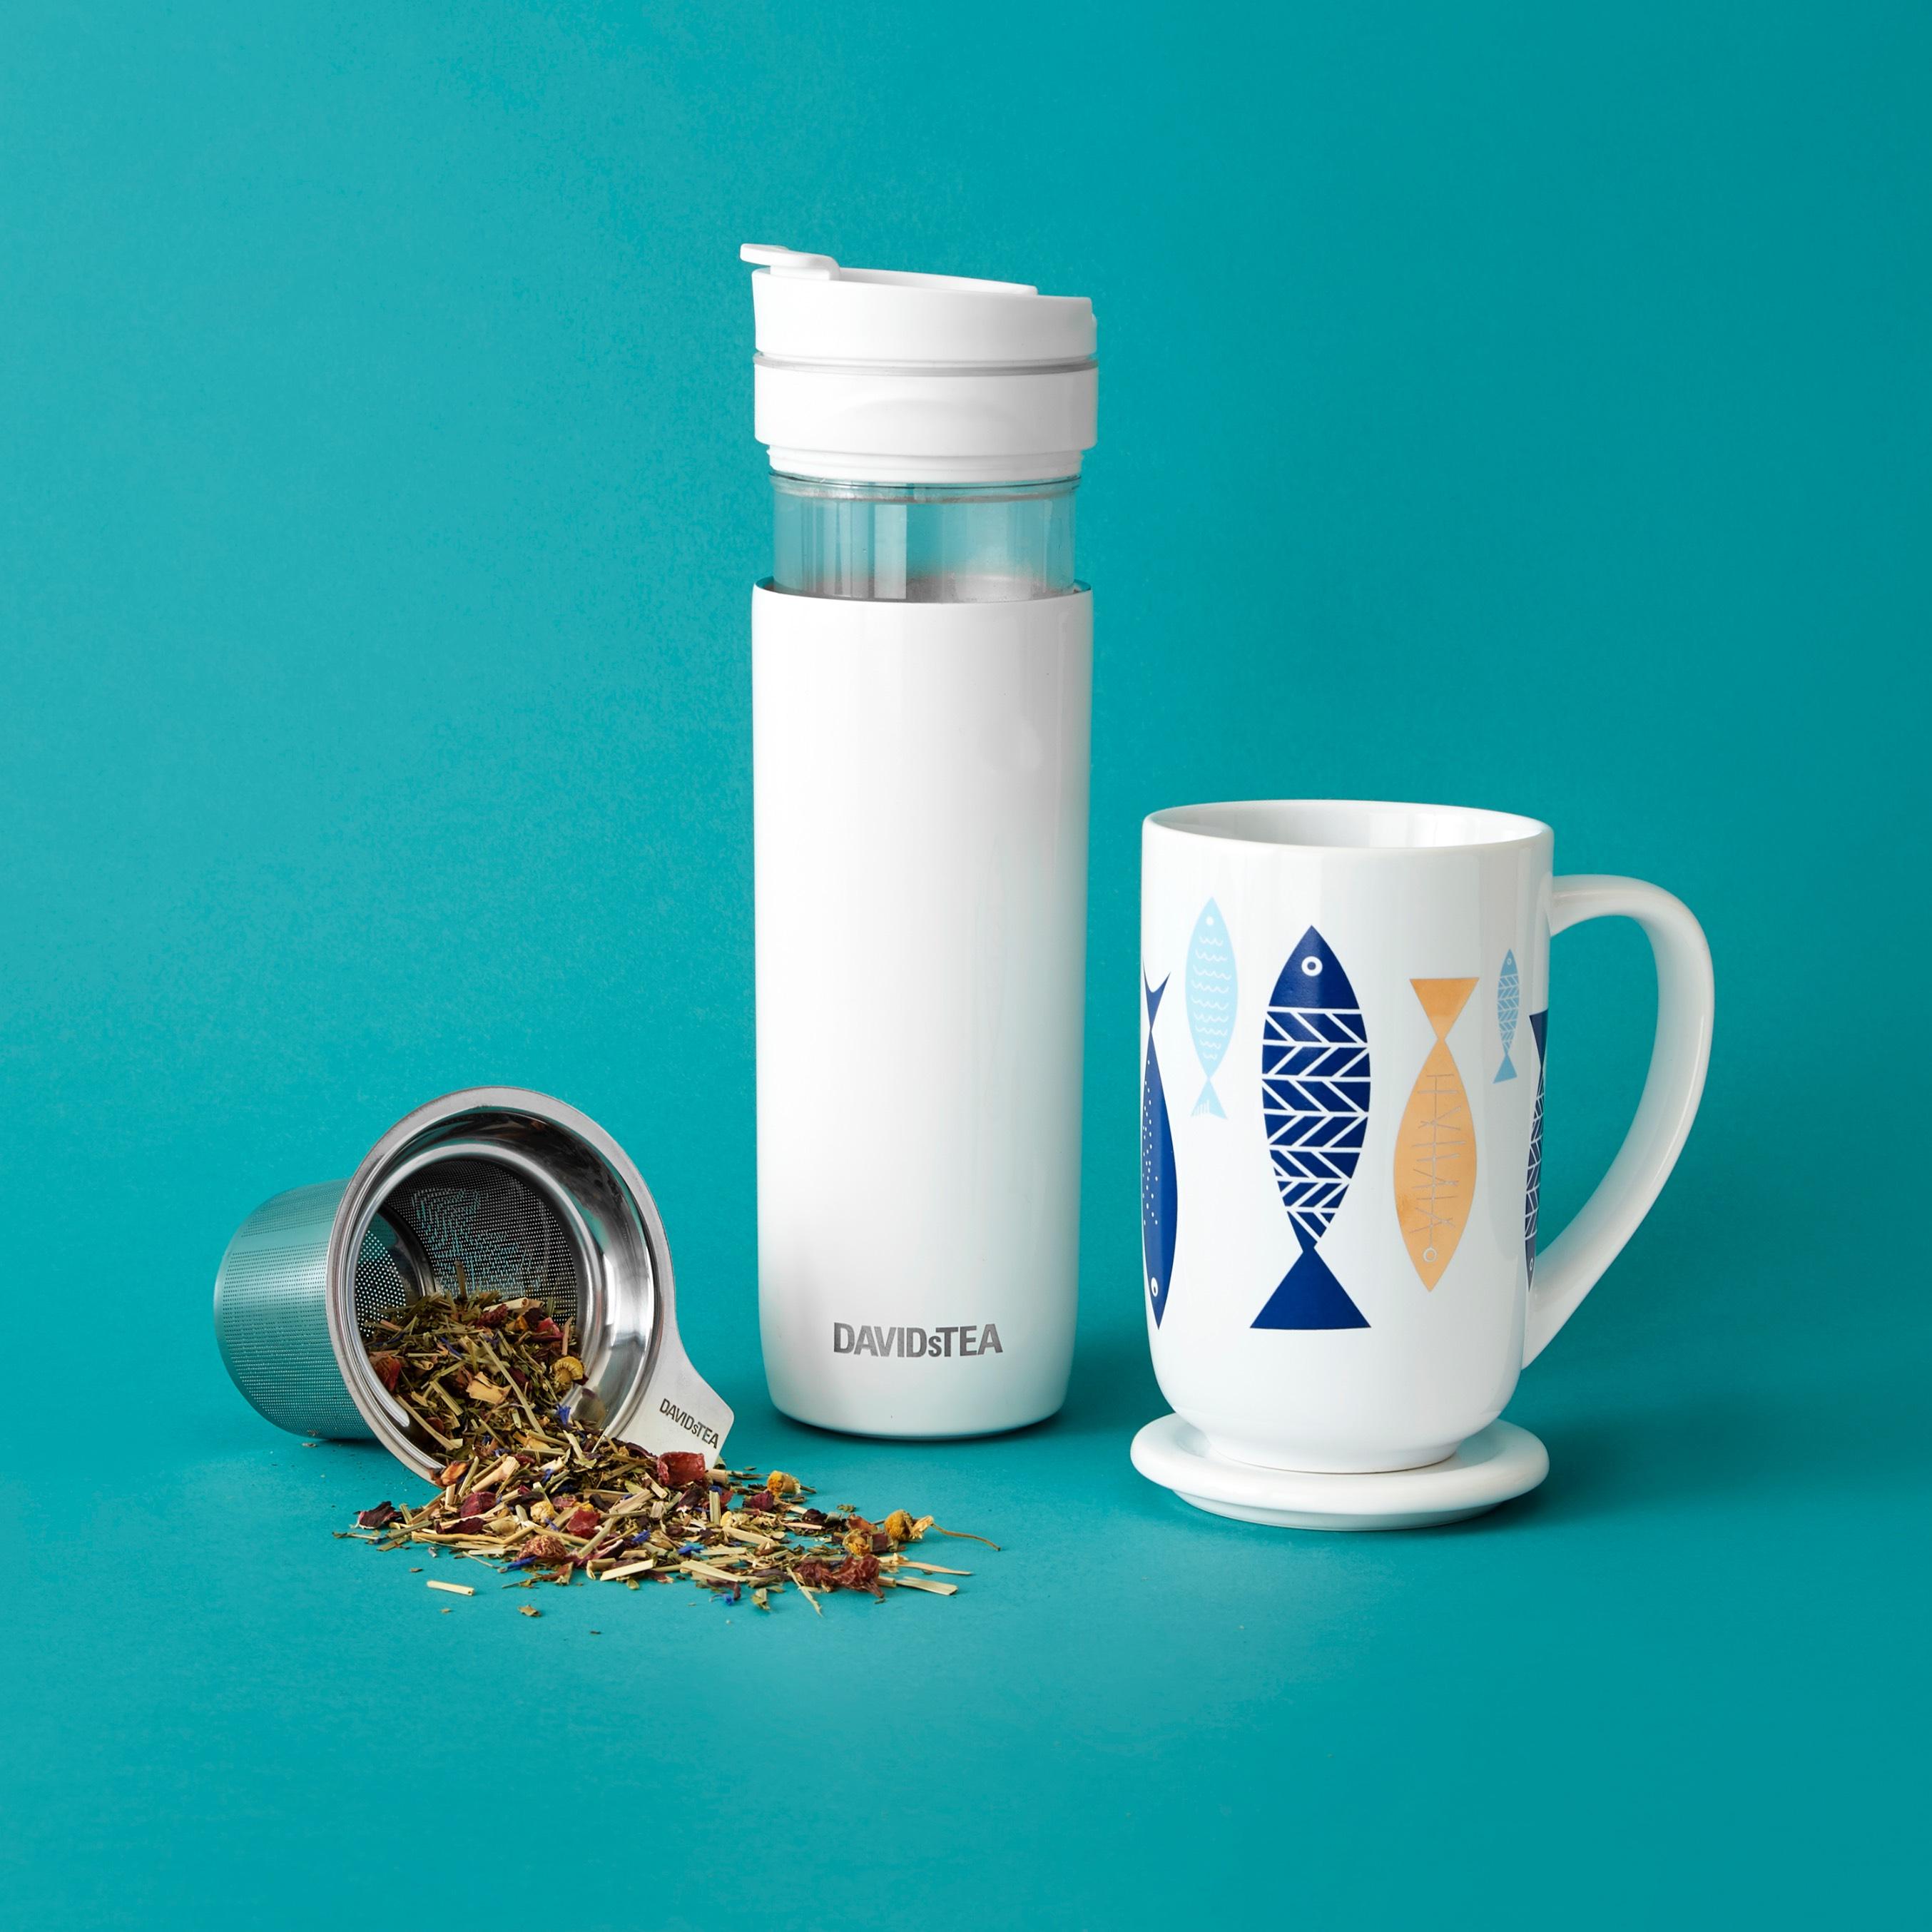 Infuseur de métal sur le côté, répandant du thé en vrac, à côté d'une Tasse à piston blanche et d'une Tasse Nordic à poissons.